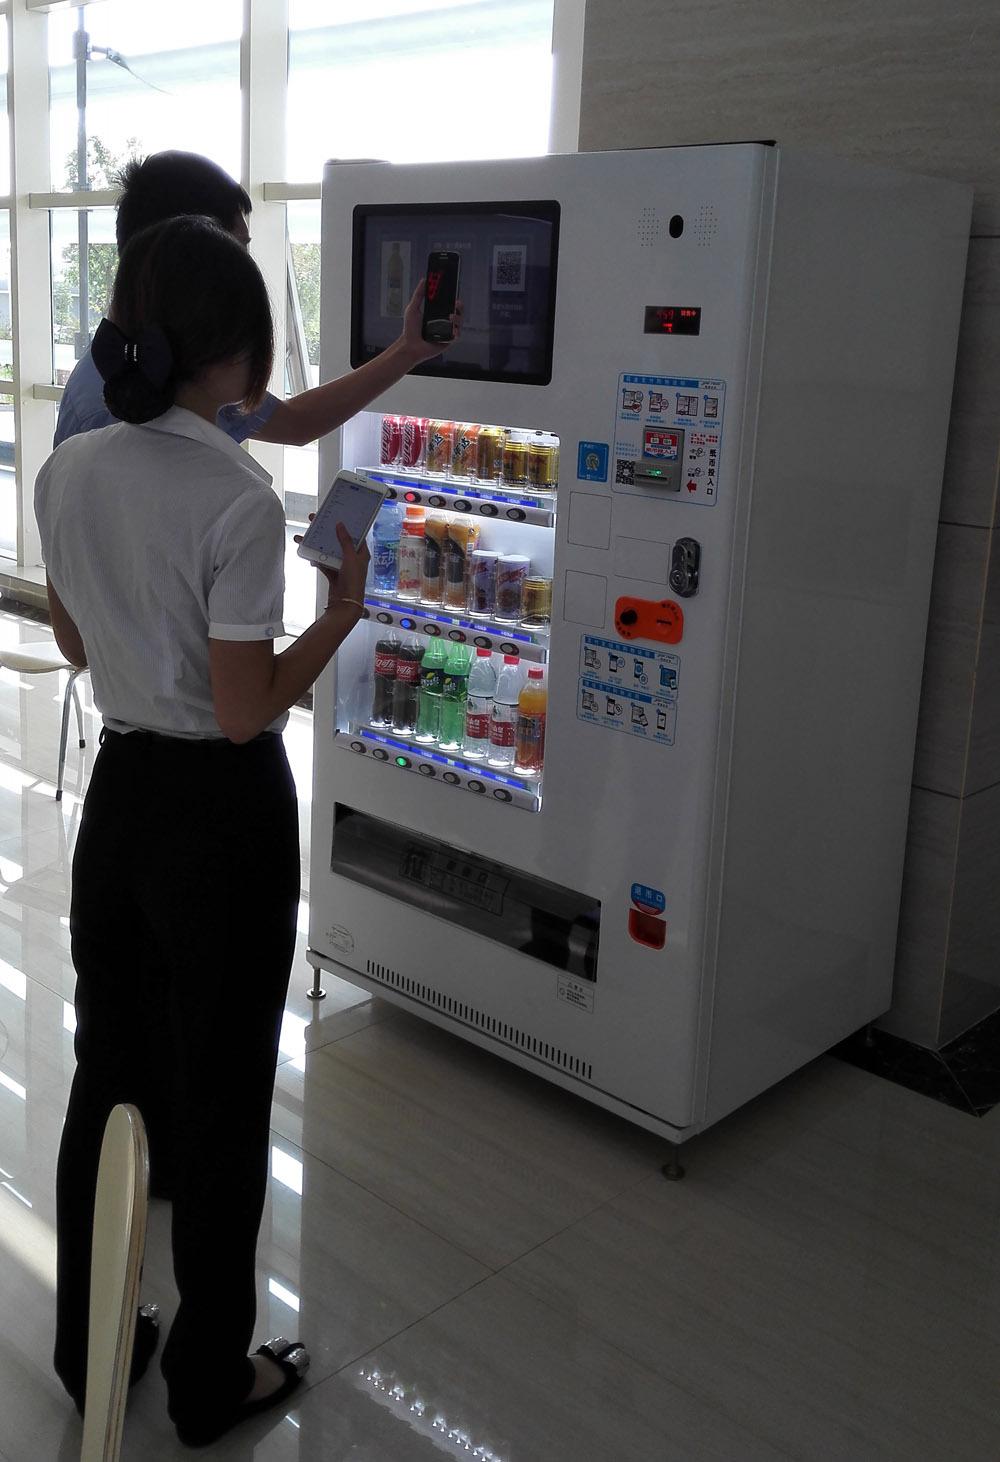 易触自动售货机